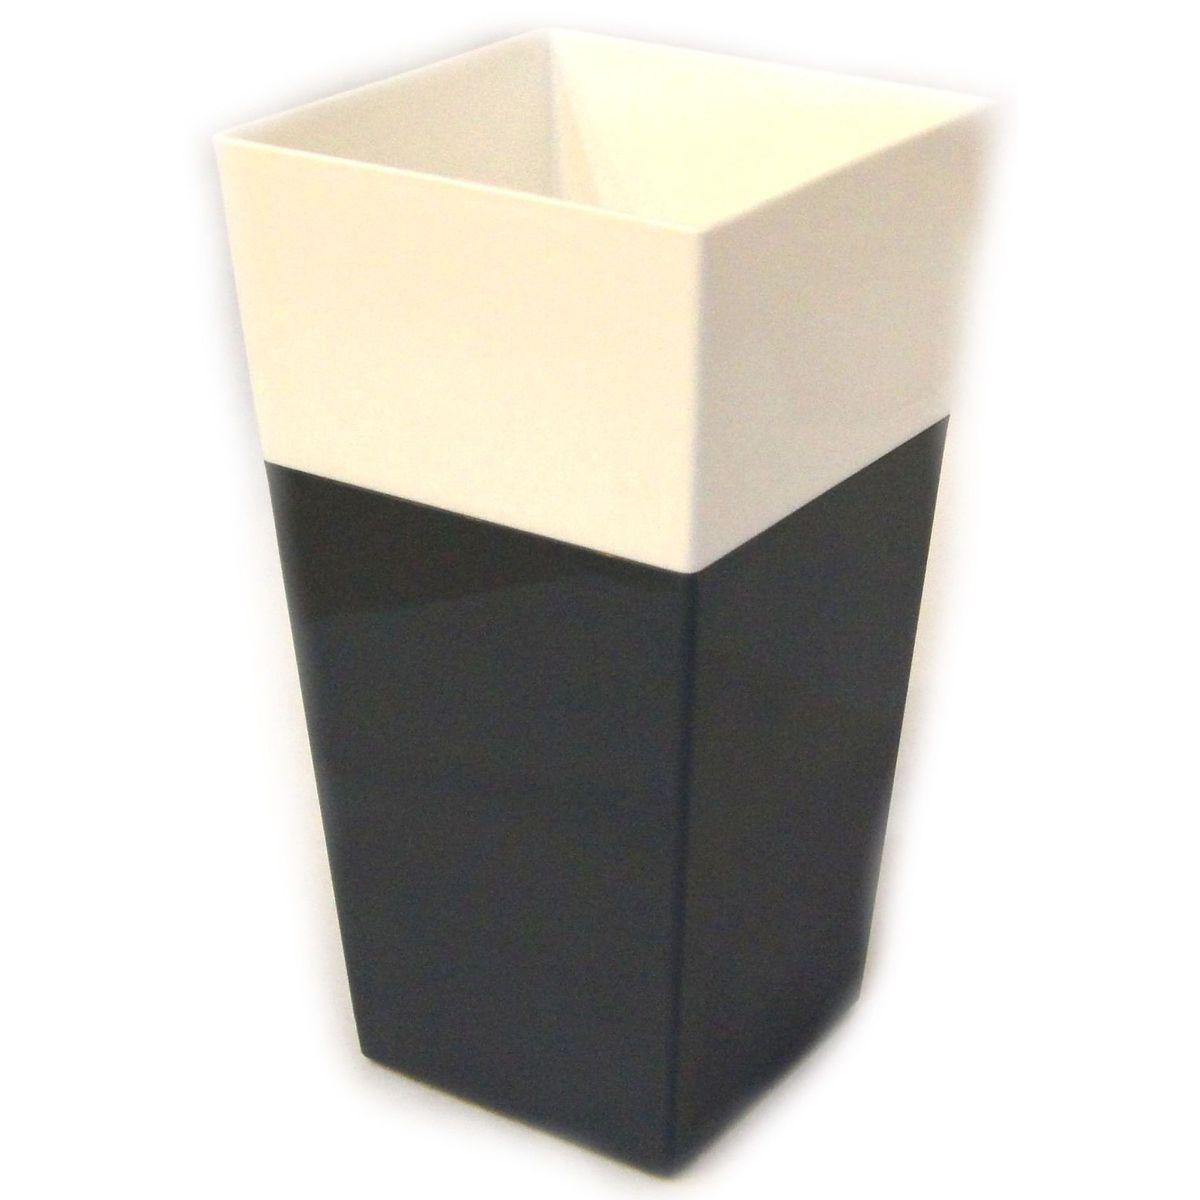 Кашпо JetPlast Дуэт, цвет: антрацит, белый, высота 34 см4612754051441Кашпо имеет строгий дизайн и состоит из двух частей: верхней части для цветка и нижней – поддона. Конструкция горшка позволяет, при желании, использовать систему фитильного полива, снабдив горшок веревкой. Оно изготовлено из прочного полипропилена (пластика).Размеры кашпо: 18 x 18 x 34 см.